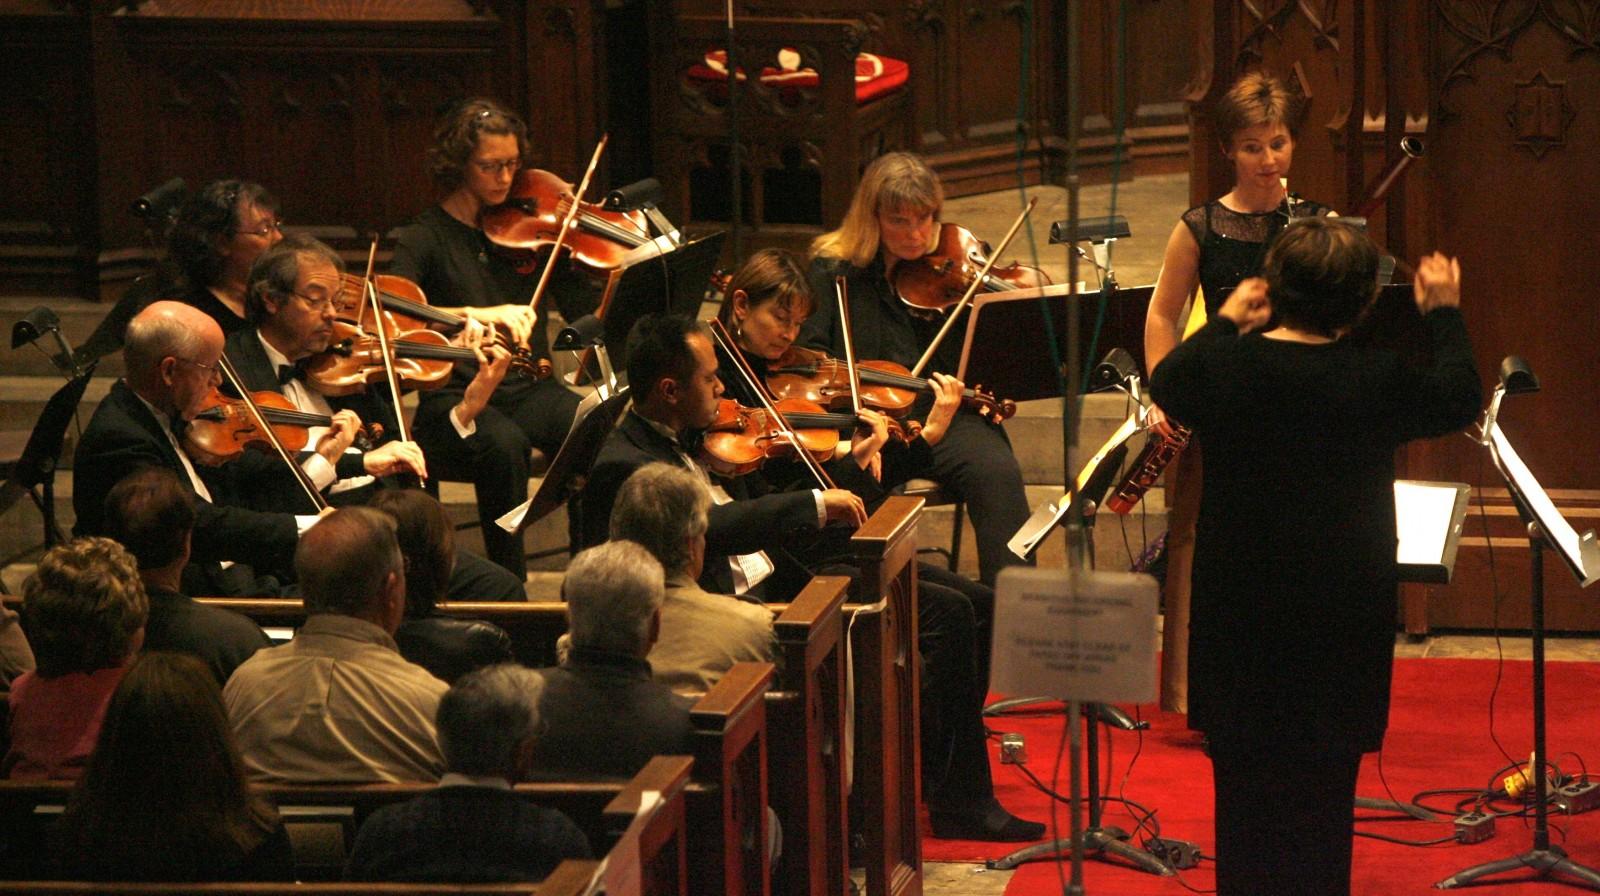 The 37th season of Viva Vivaldi concerts, led by Maryloise Nanna, begins Nov. 1. (Robert Kirkham/Buffalo News file photo)